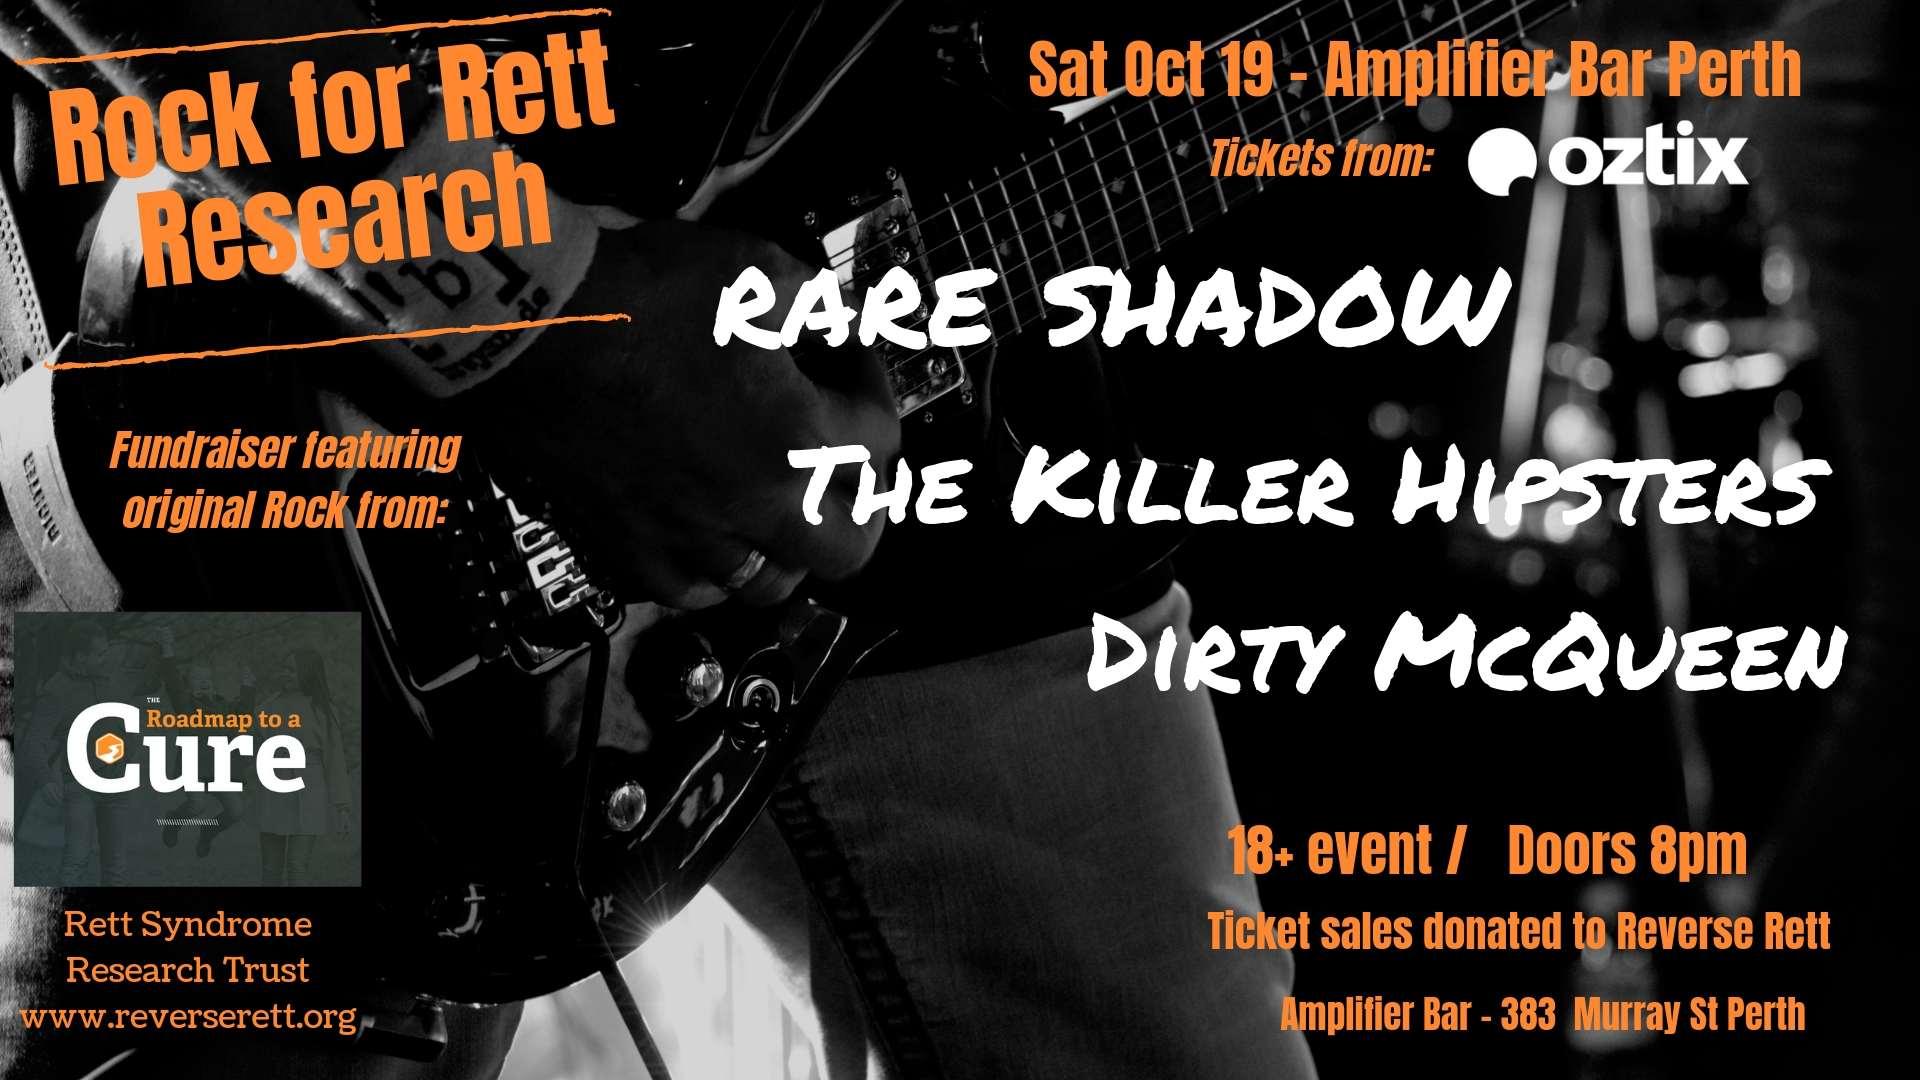 Rock for Rett Research Oct 2019.jpg